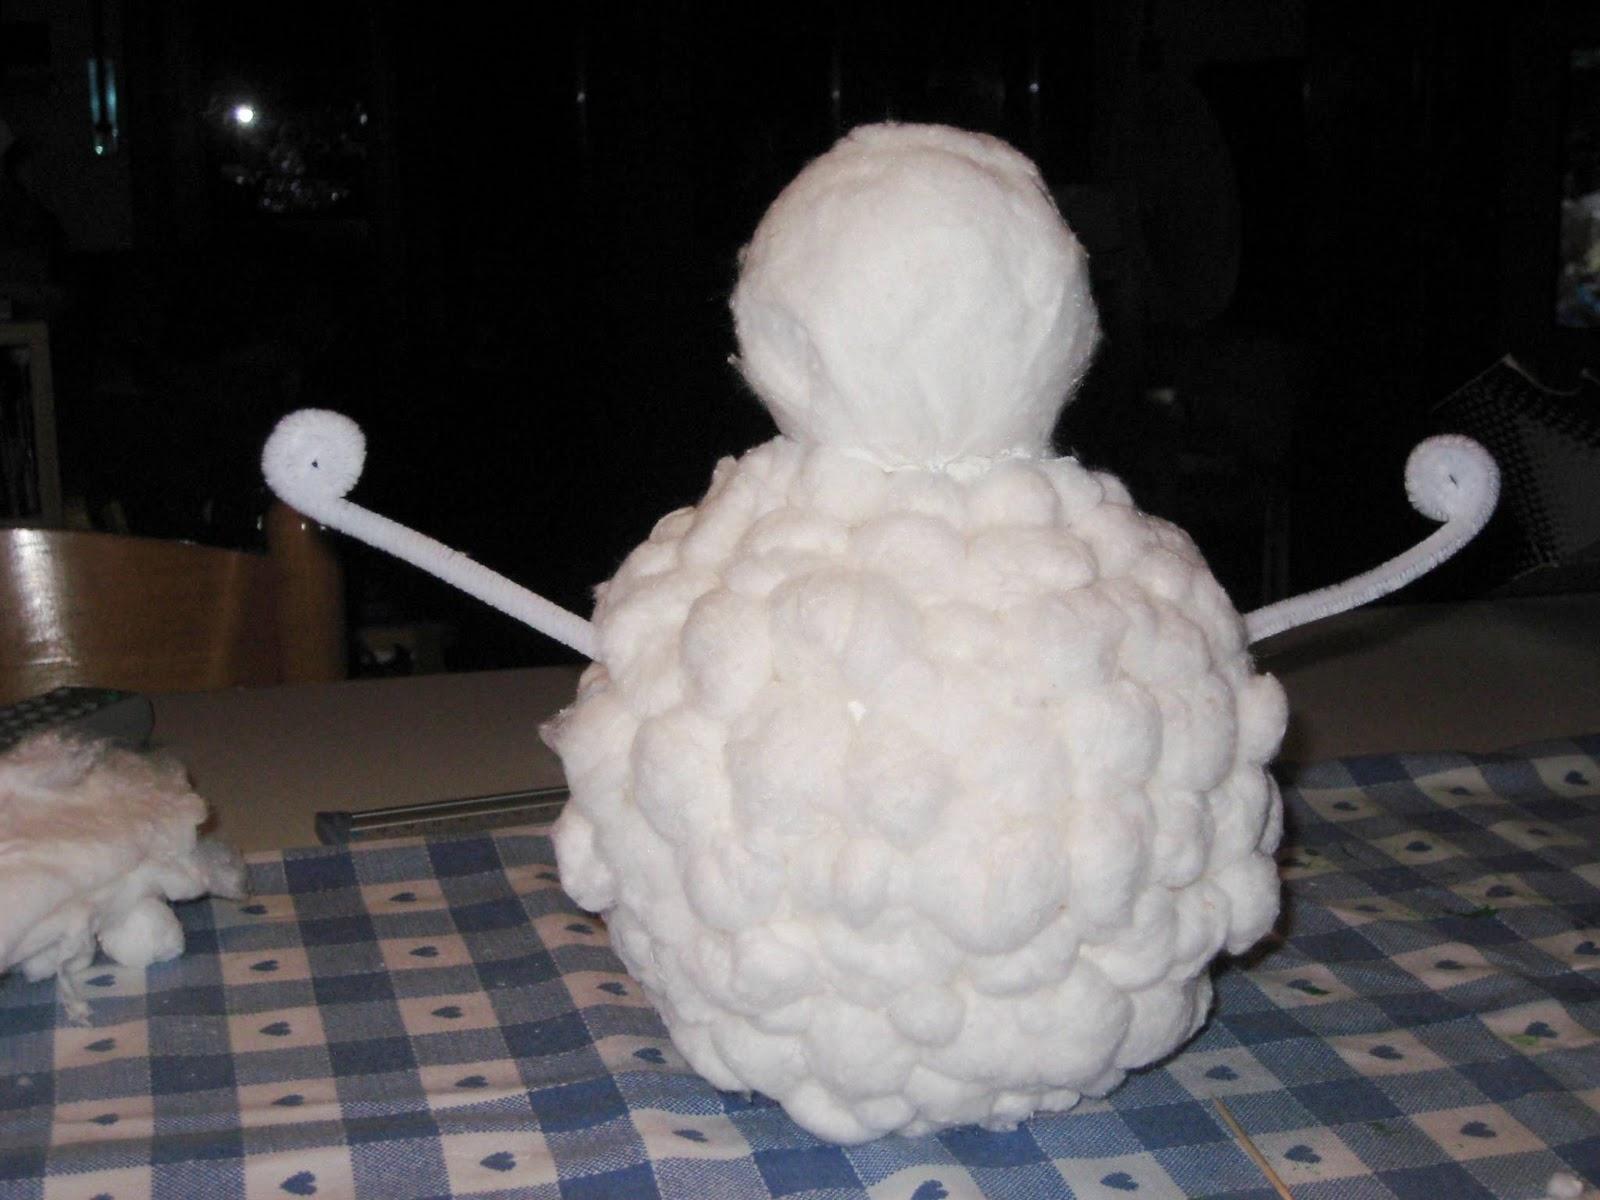 ᐉ снеговик из ватных дисков пошагово с фото и видео. снеговик из ваты к новому году. идеи и мастер-классы ➡ klass511.ru